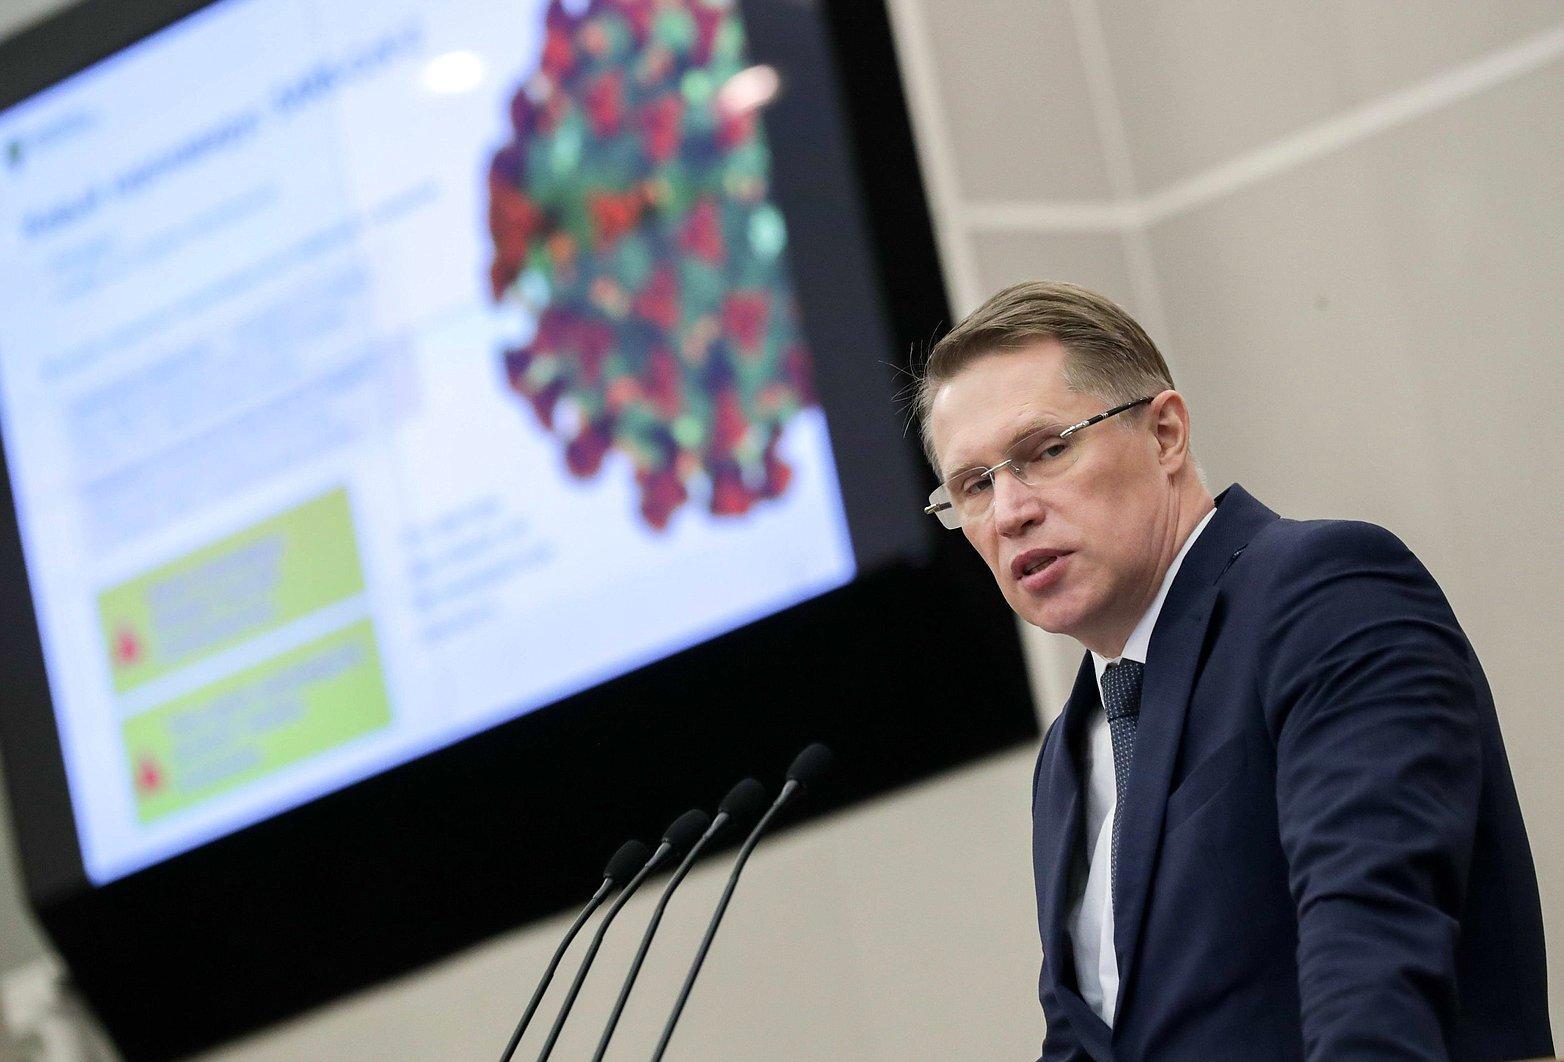 وزير الصحة الروسي يدخل الحجر الصحي